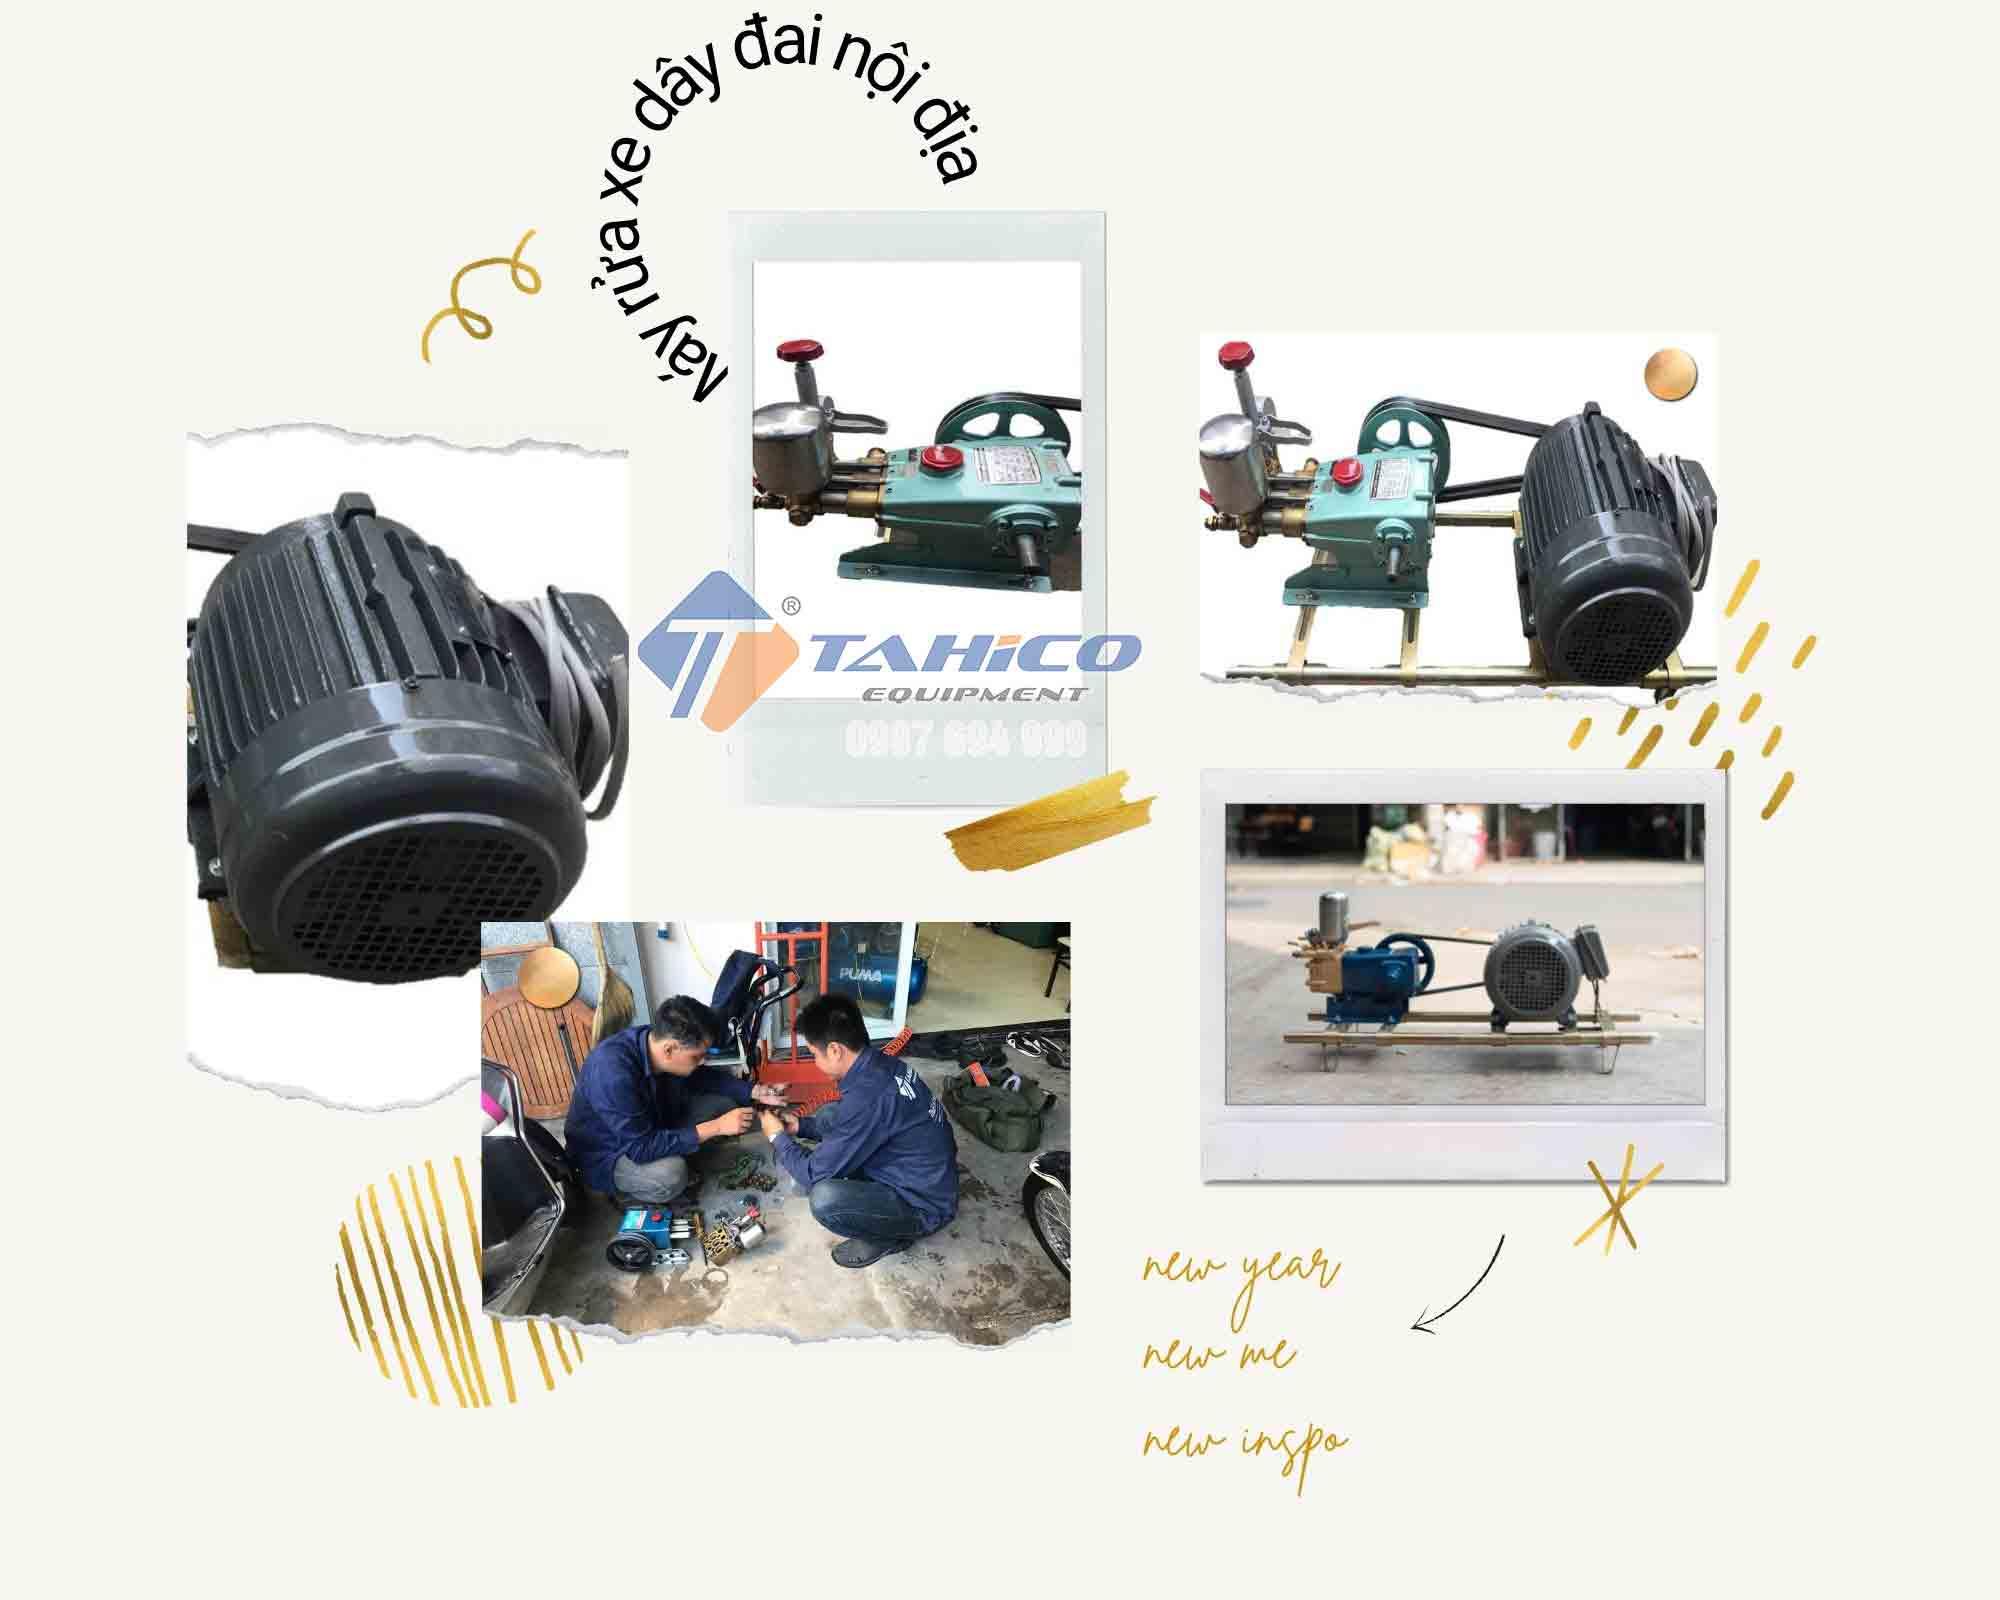 Máy rửa xe dây đai nội địa Nhật Bản - Sản phẩm của sự bền bỉ